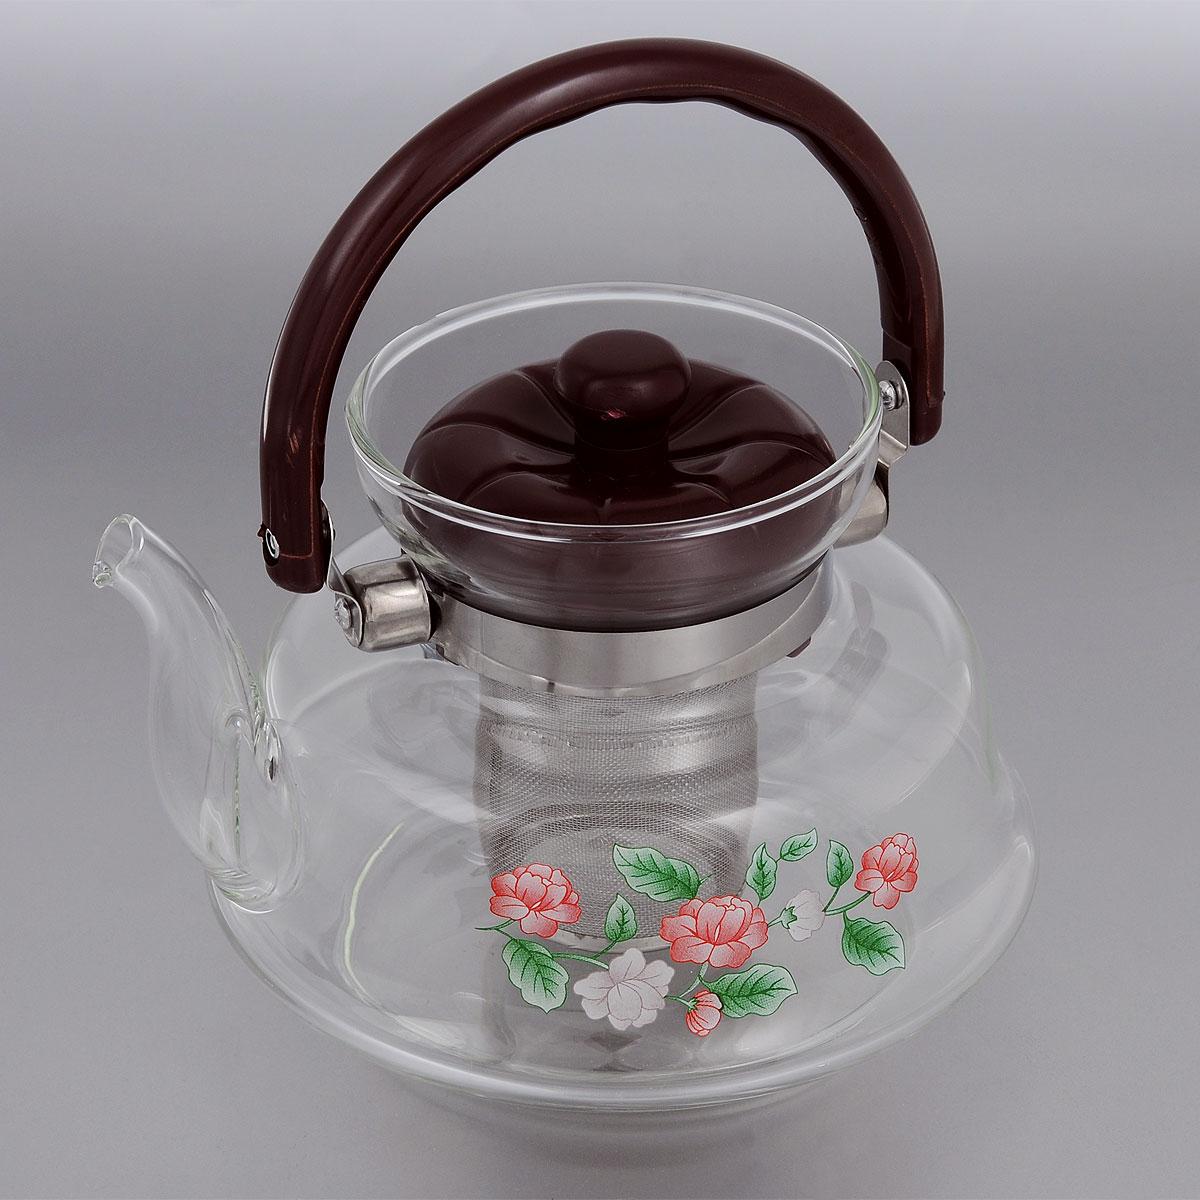 Чайник заварочный Mayer & Boch, с фильтром, 1,4 л. 25902590Заварочный чайник Mayer & Boch, выполненный из термостойкого стекла, предоставит вам все необходимые возможности для успешного заваривания чая. Изделие оснащено пластиковой ручкой, крышкой и сетчатым фильтром из нержавеющей стали, который задерживает чаинки и предотвращает их попадание в чашку. Чай в таком чайнике дольше остается горячим, а полезные и ароматические вещества полностью сохраняются в напитке. Эстетичный и функциональный чайник будет оригинально смотреться в любом интерьере.Диаметр чайника (по верхнему краю): 9,5 см. Высота чайника (с учетом ручки и крышки): 19 см. Высота чайника (без учета ручки и крышки): 13 см. Высота фильтра: 7,5 см.